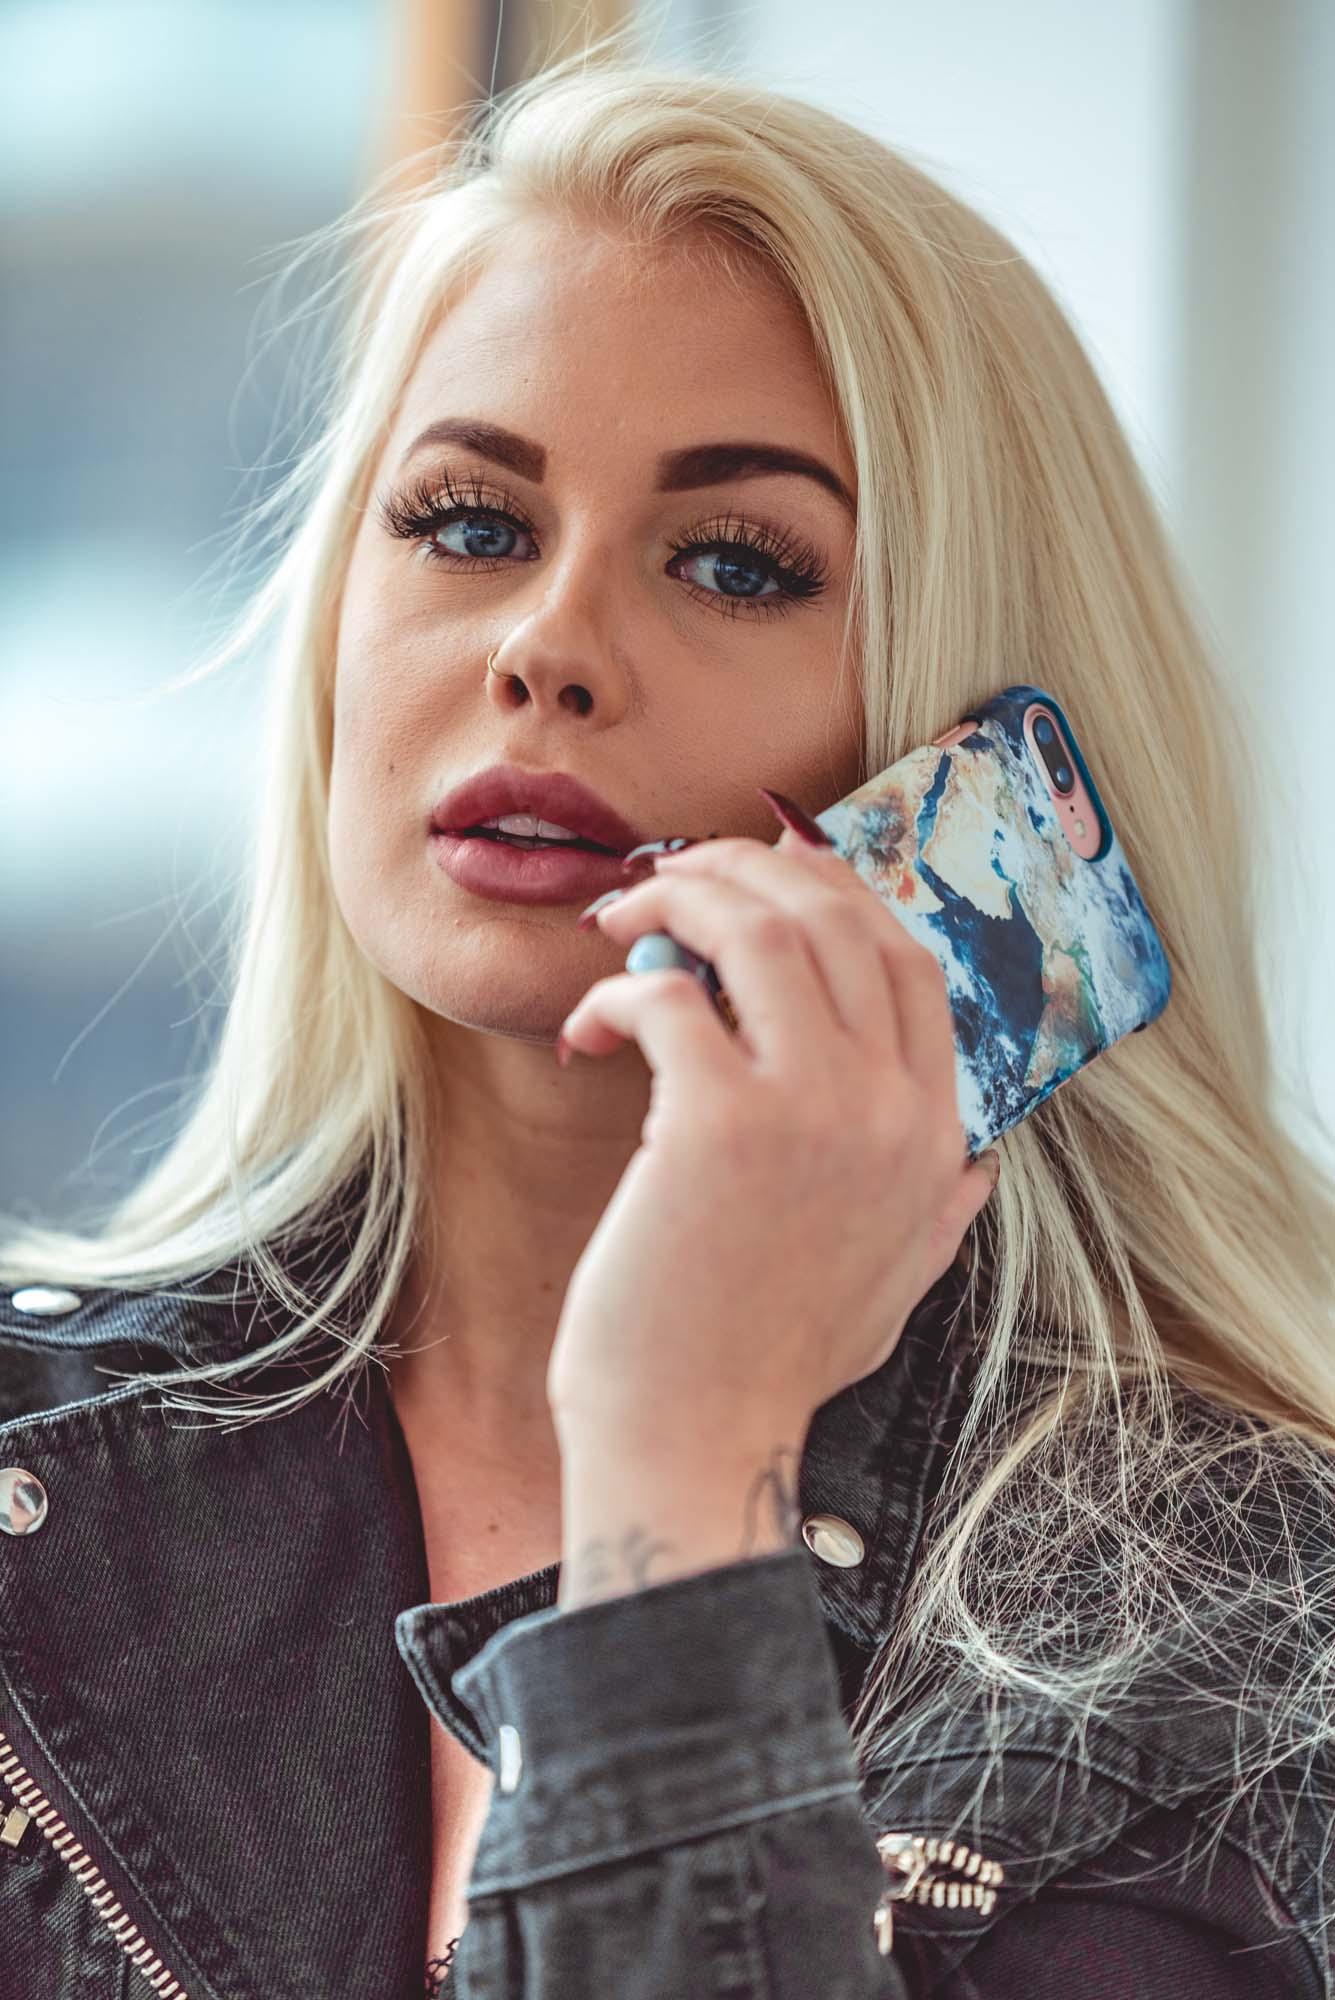 Amanda-147.jpg